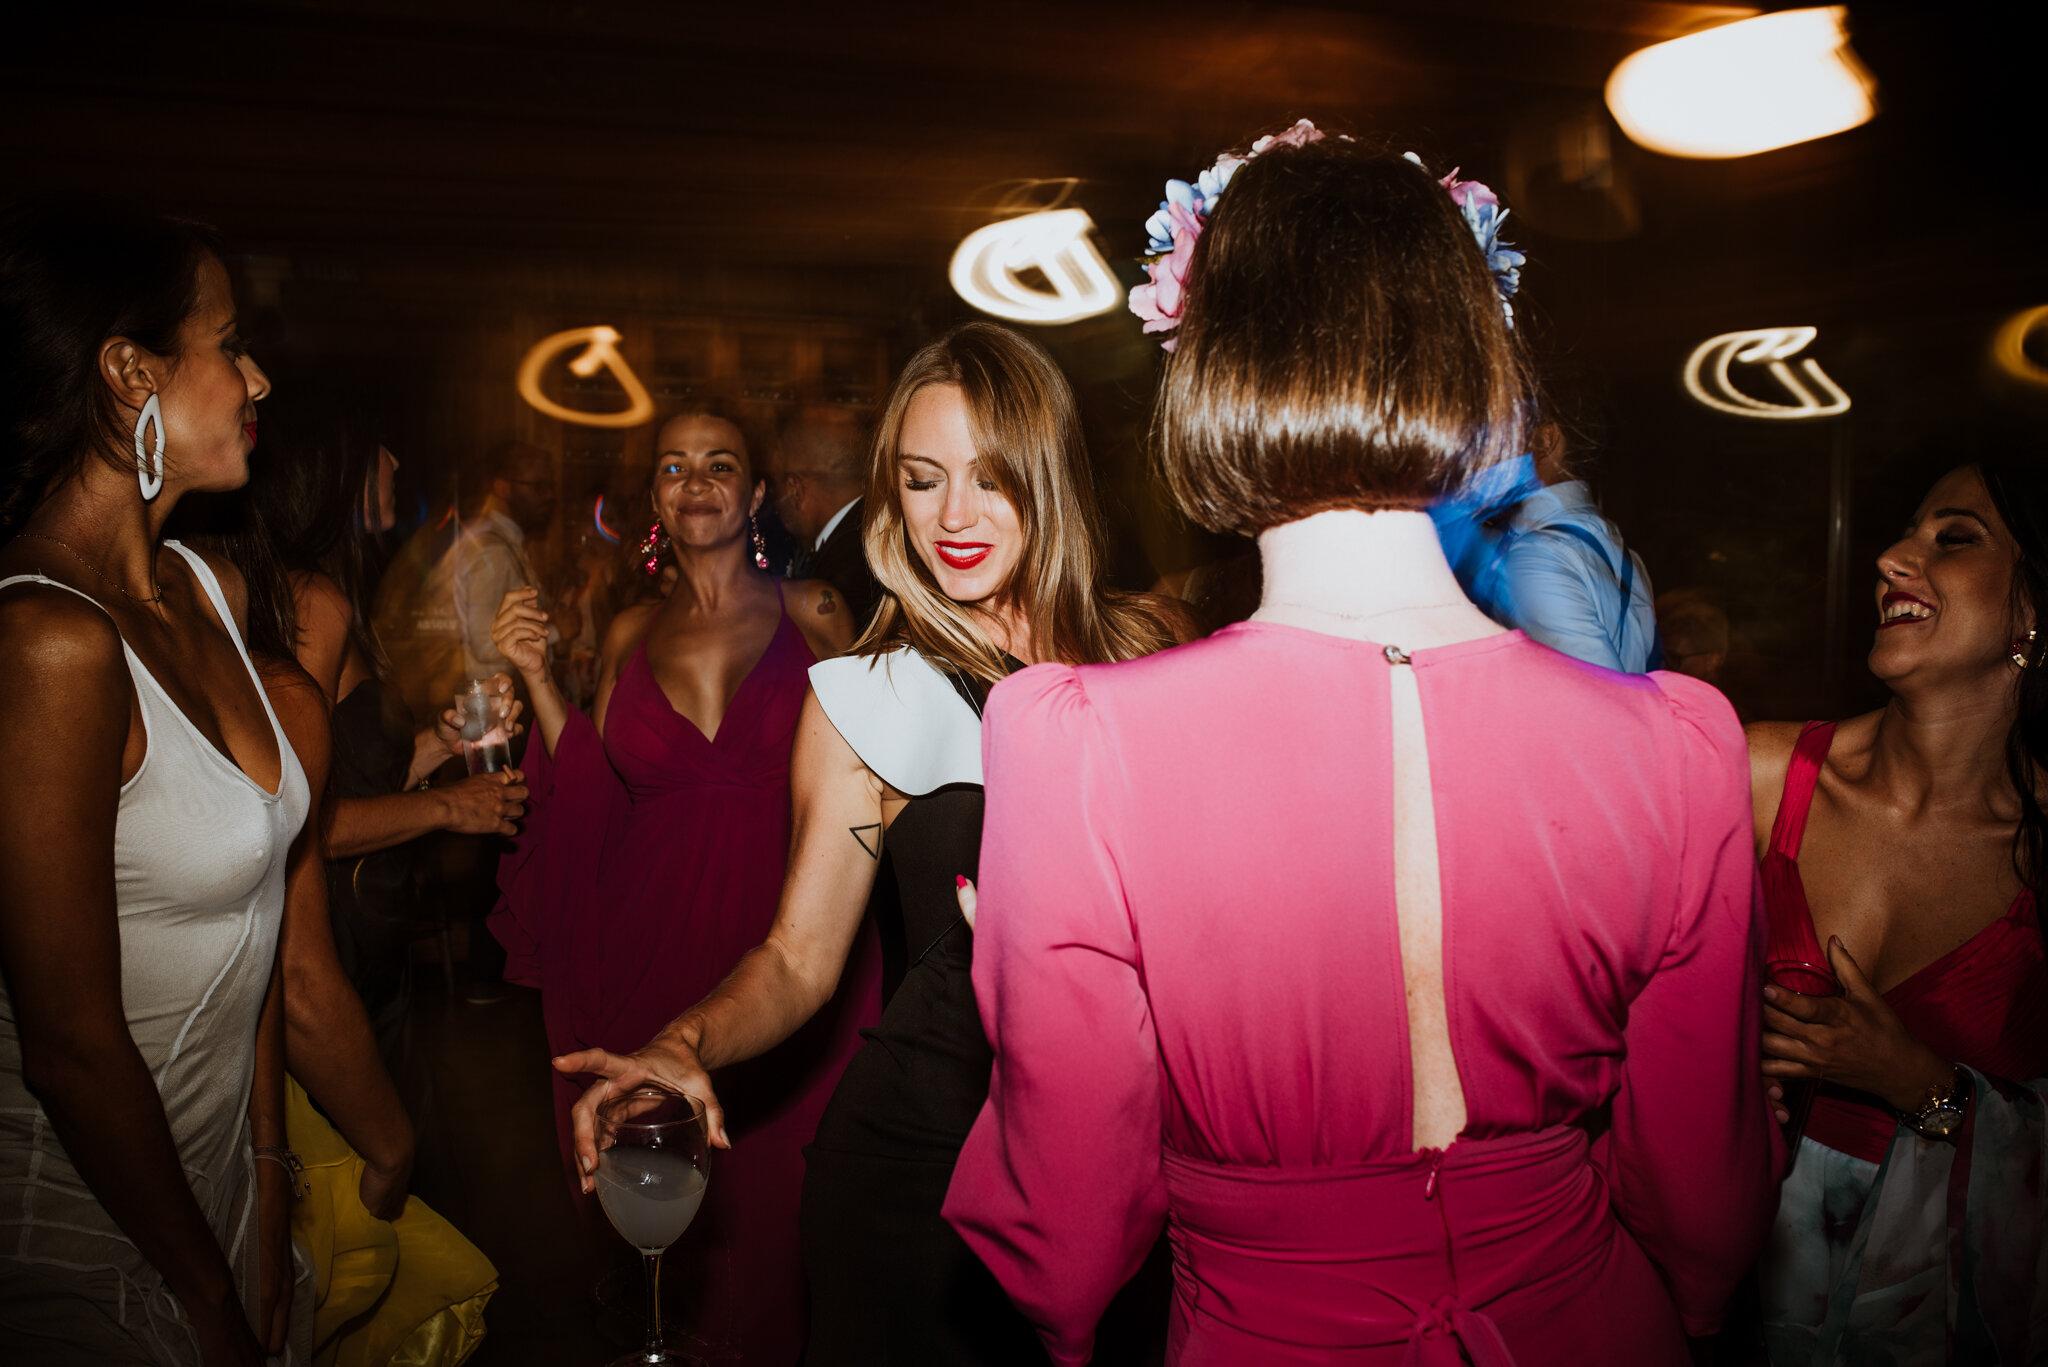 fotografo de bodas las palmas_-139.jpg